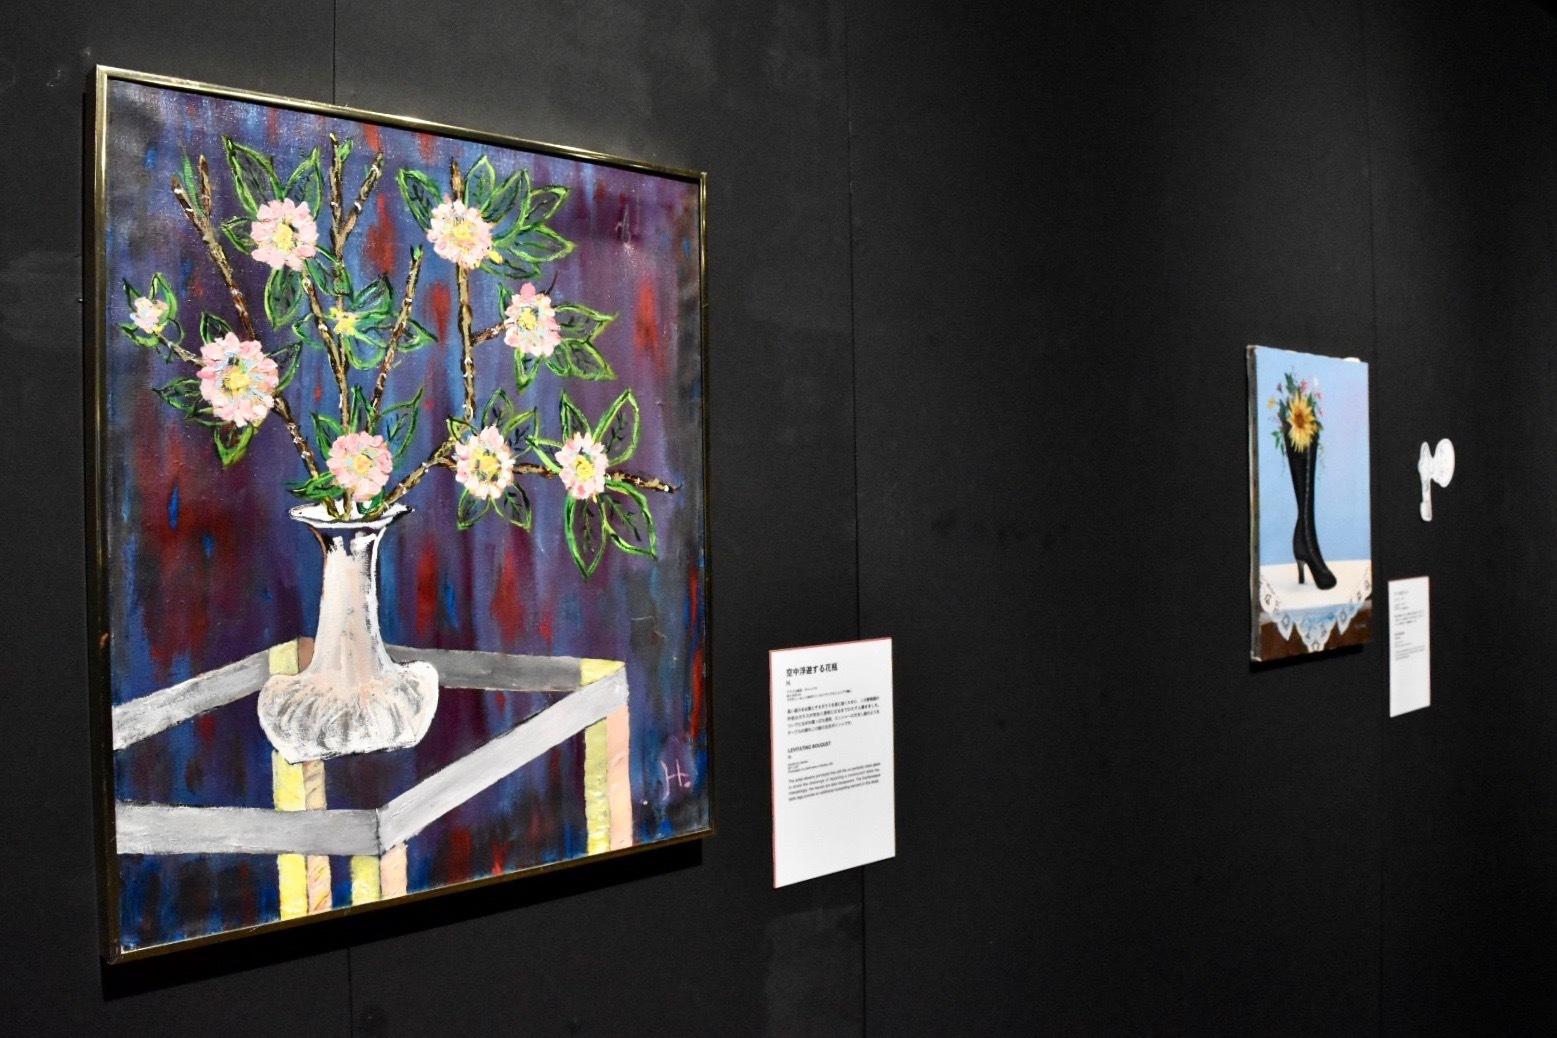 左:《空中浮遊する花瓶》